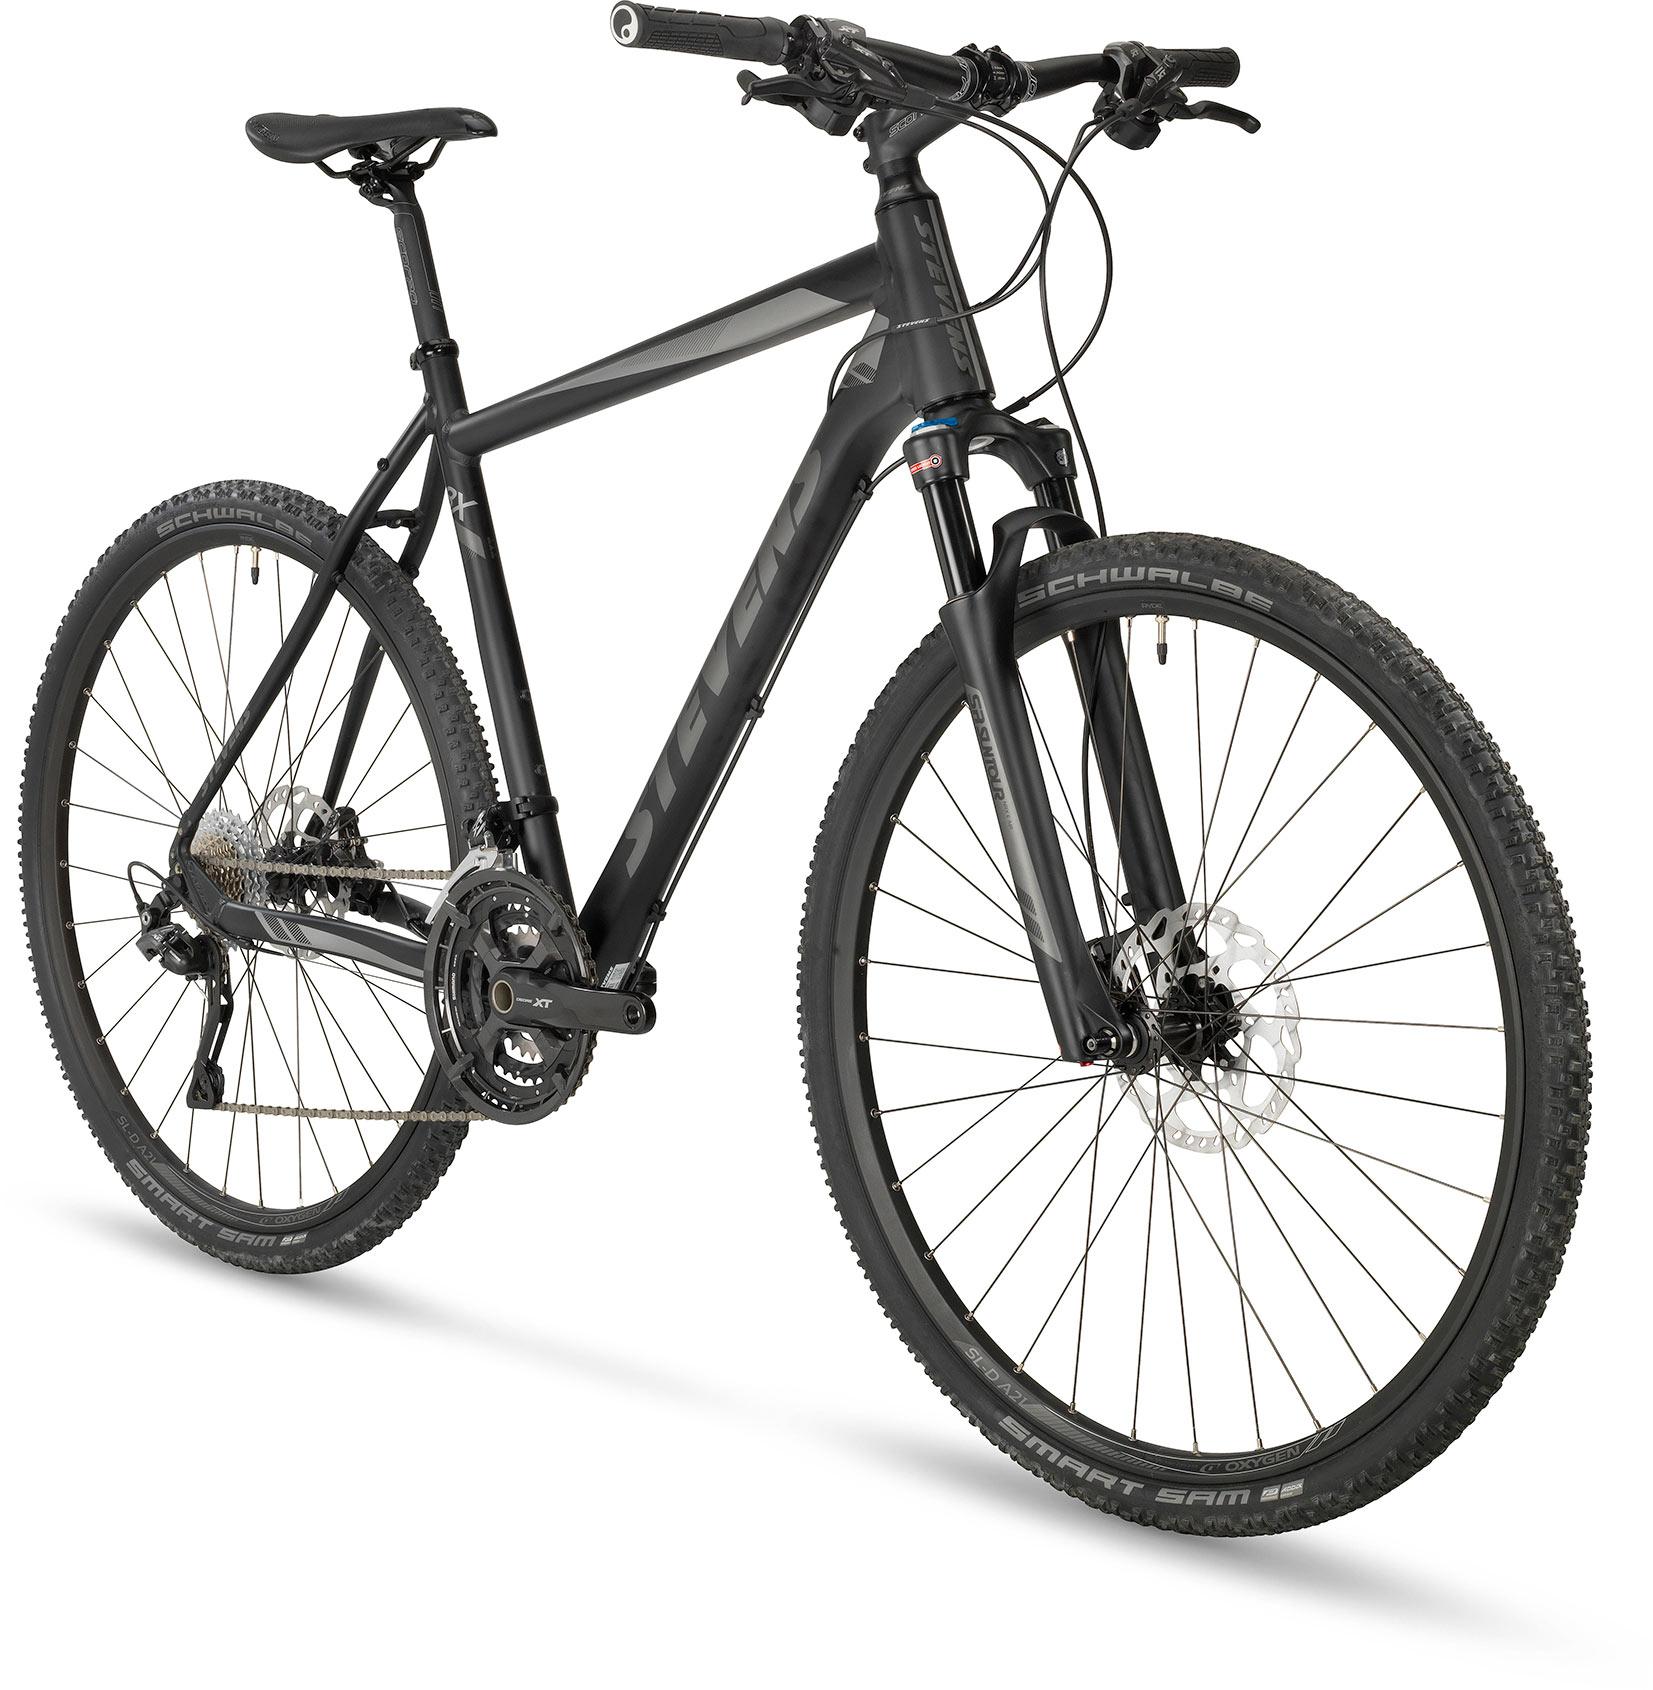 8x gent stevens bikes 2018. Black Bedroom Furniture Sets. Home Design Ideas